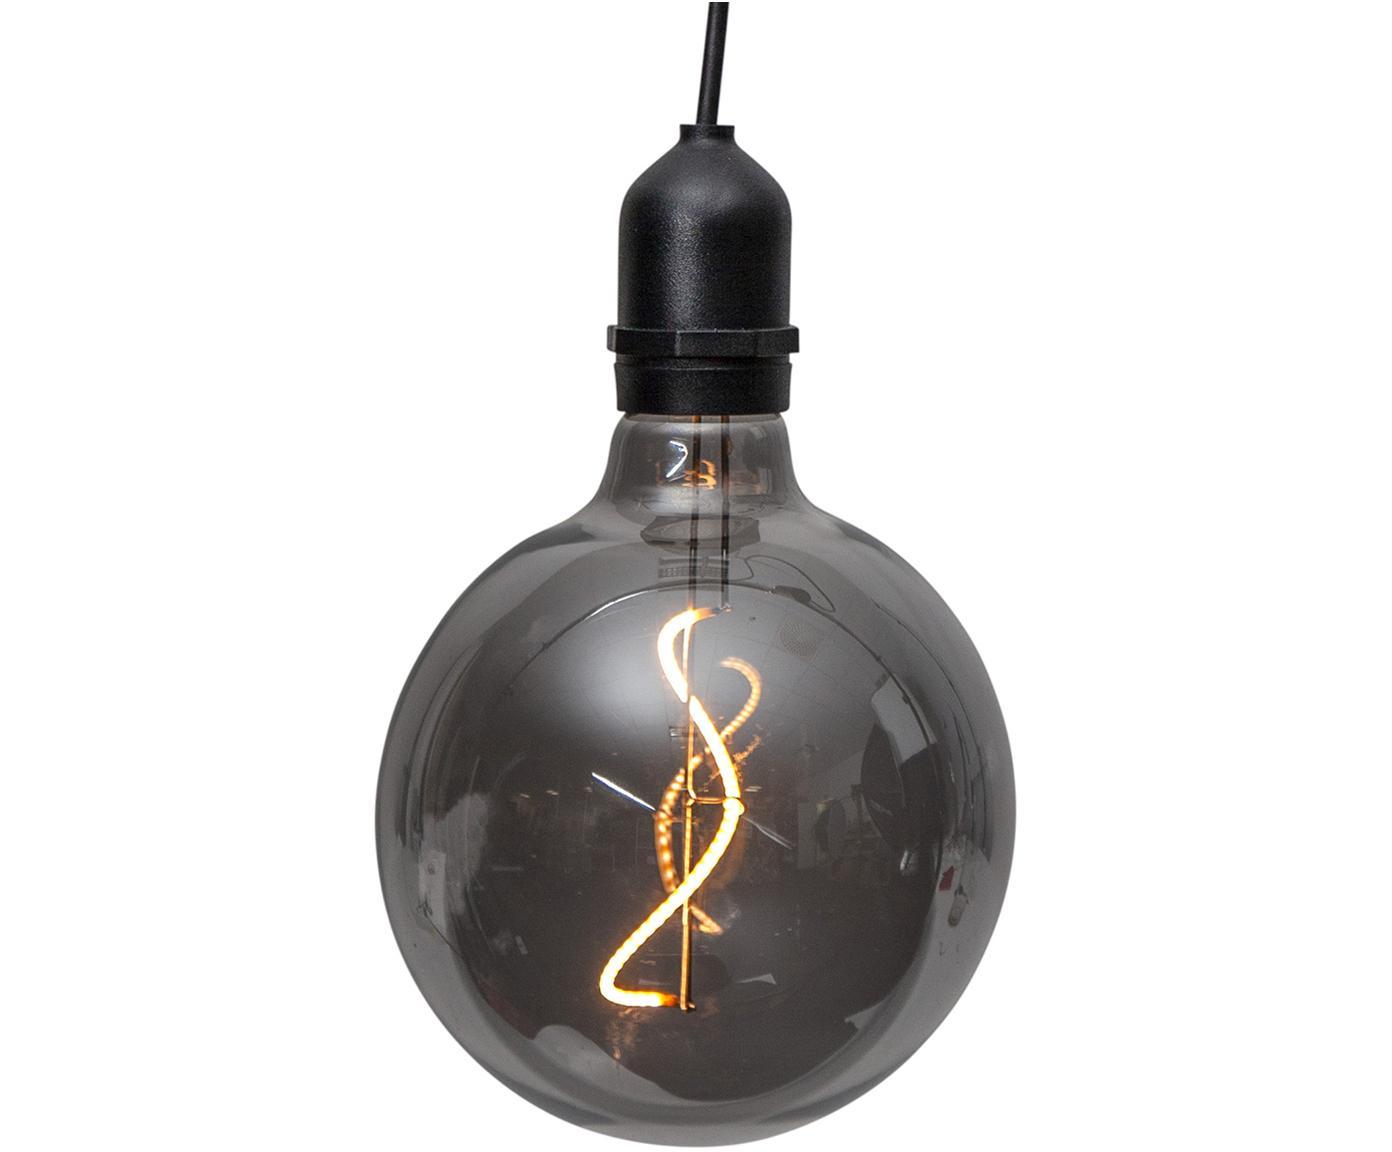 Outdoor LED lamp Bowl, Glas, kunststof, Donkergrijs, transparant, zwart, Ø 13 x H 18 cm